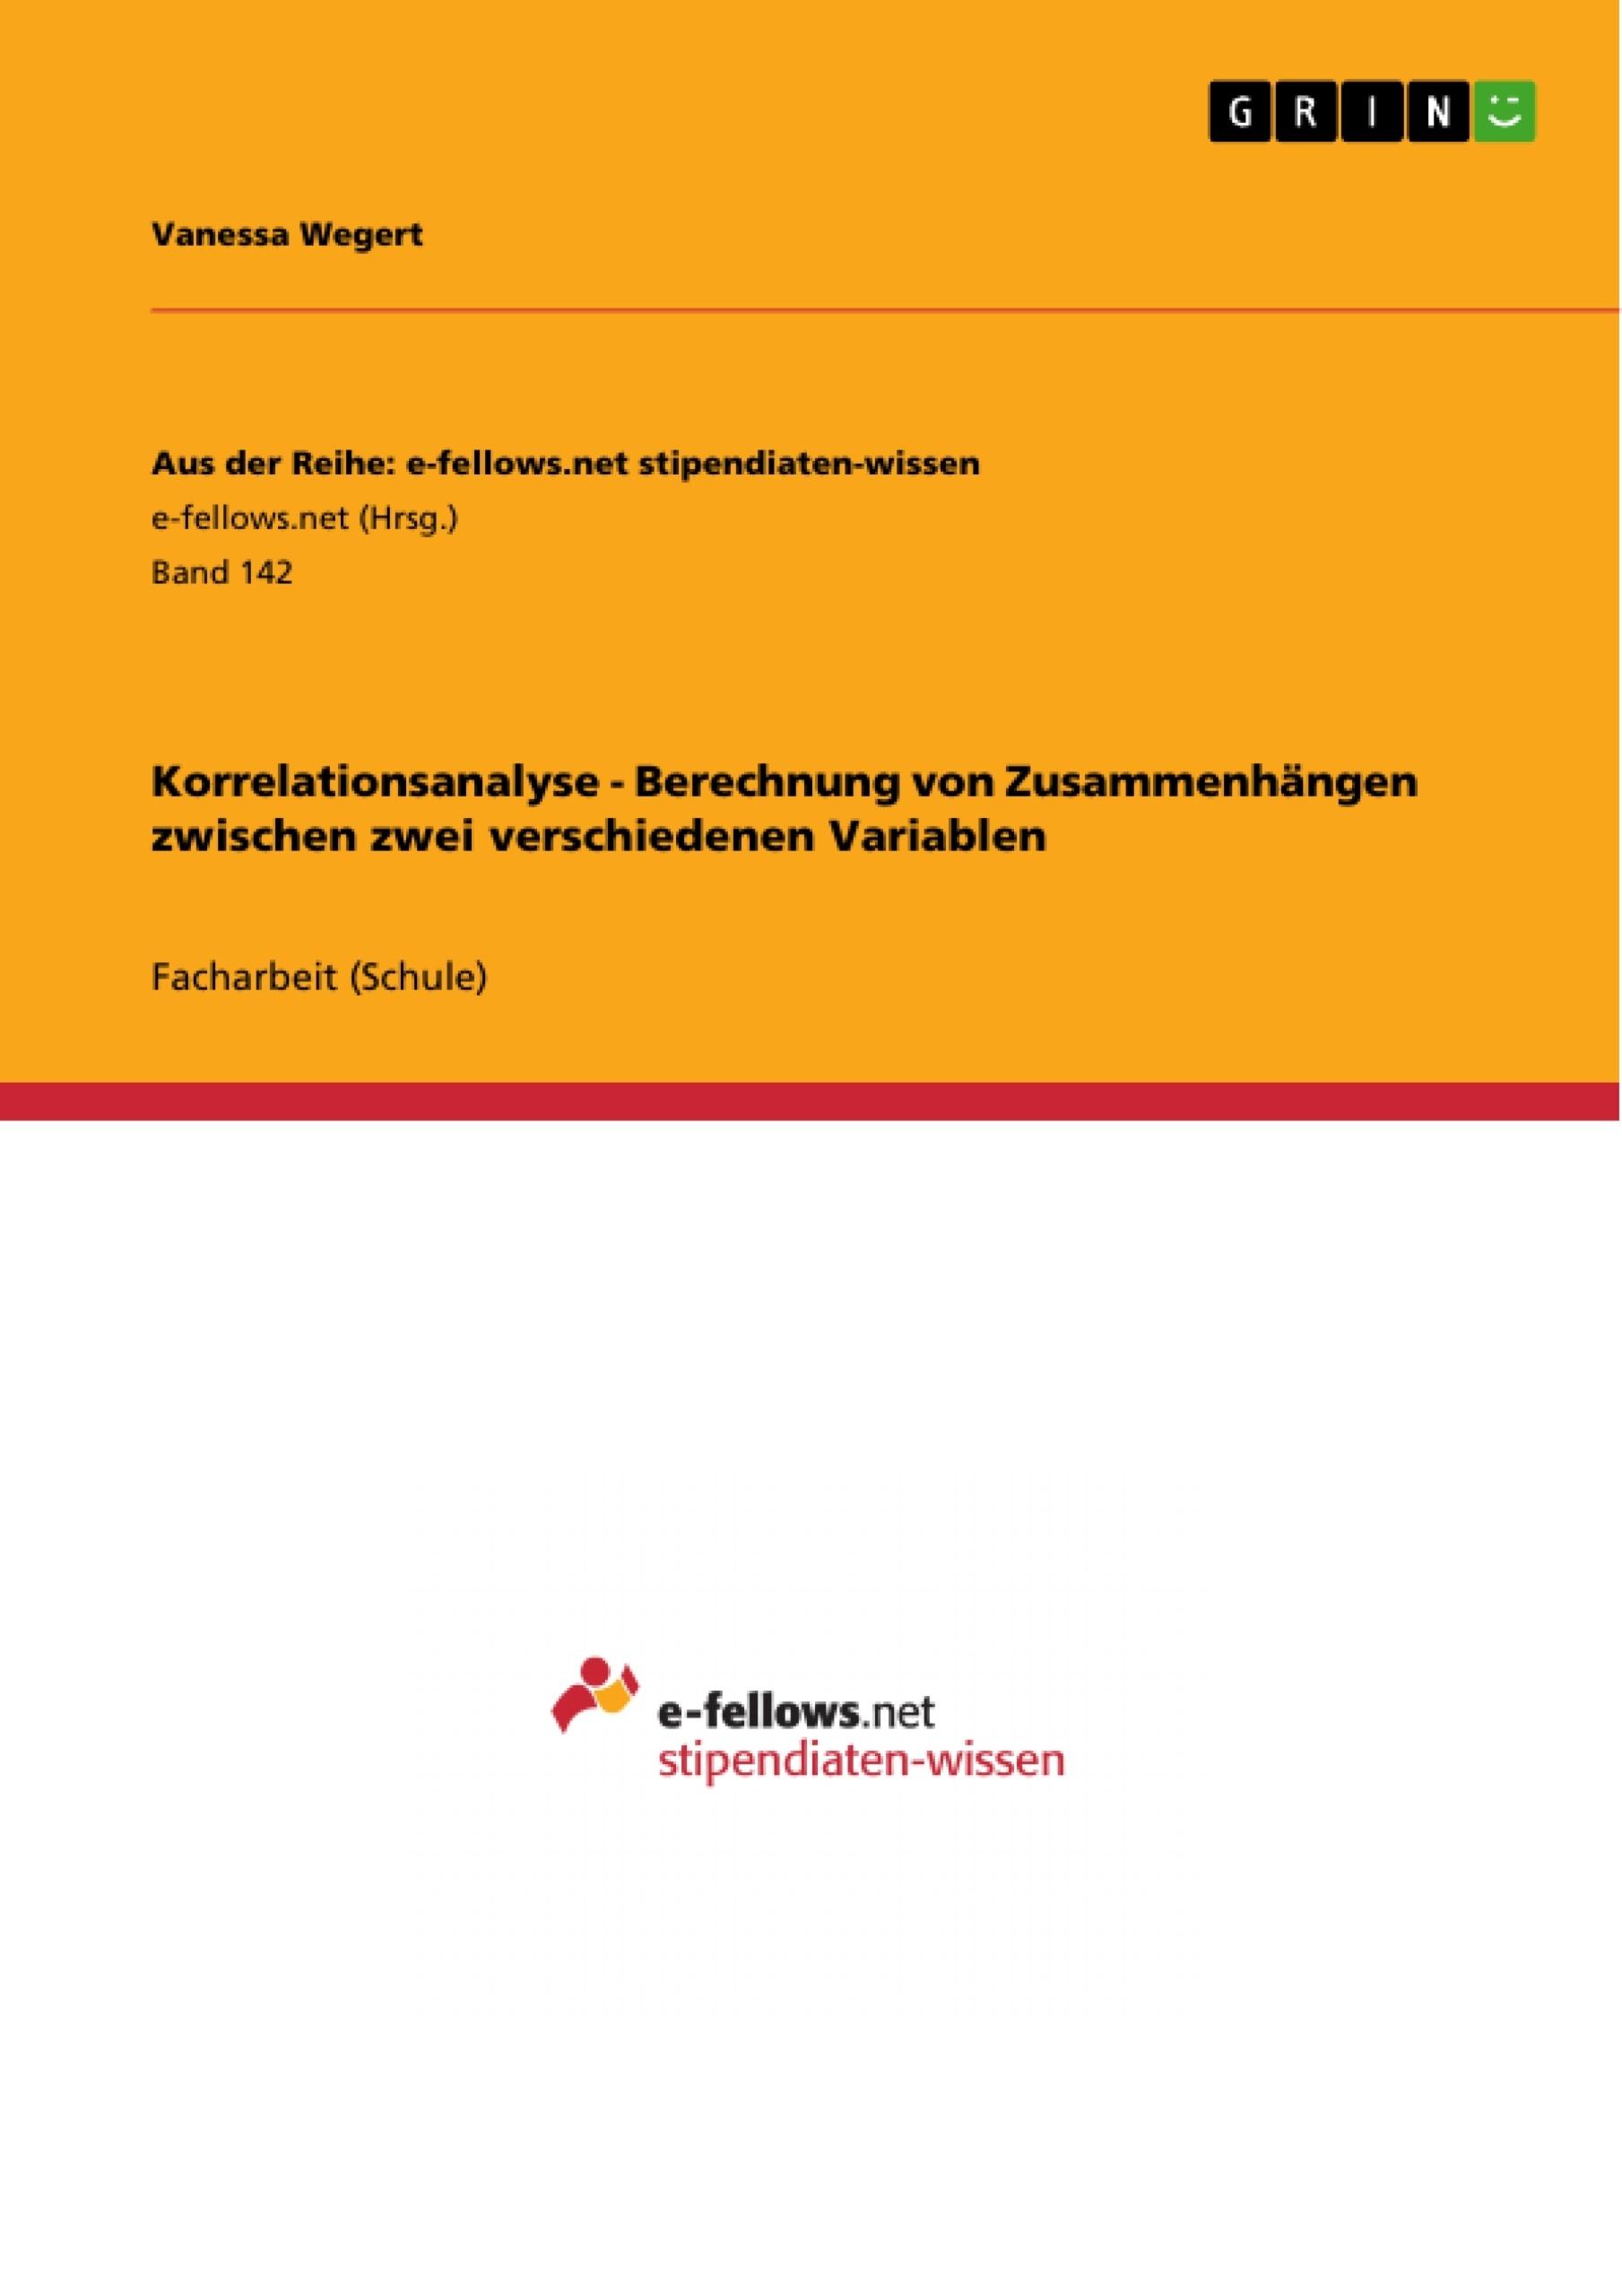 Titel: Korrelationsanalyse - Berechnung von Zusammenhängen zwischen zwei verschiedenen Variablen